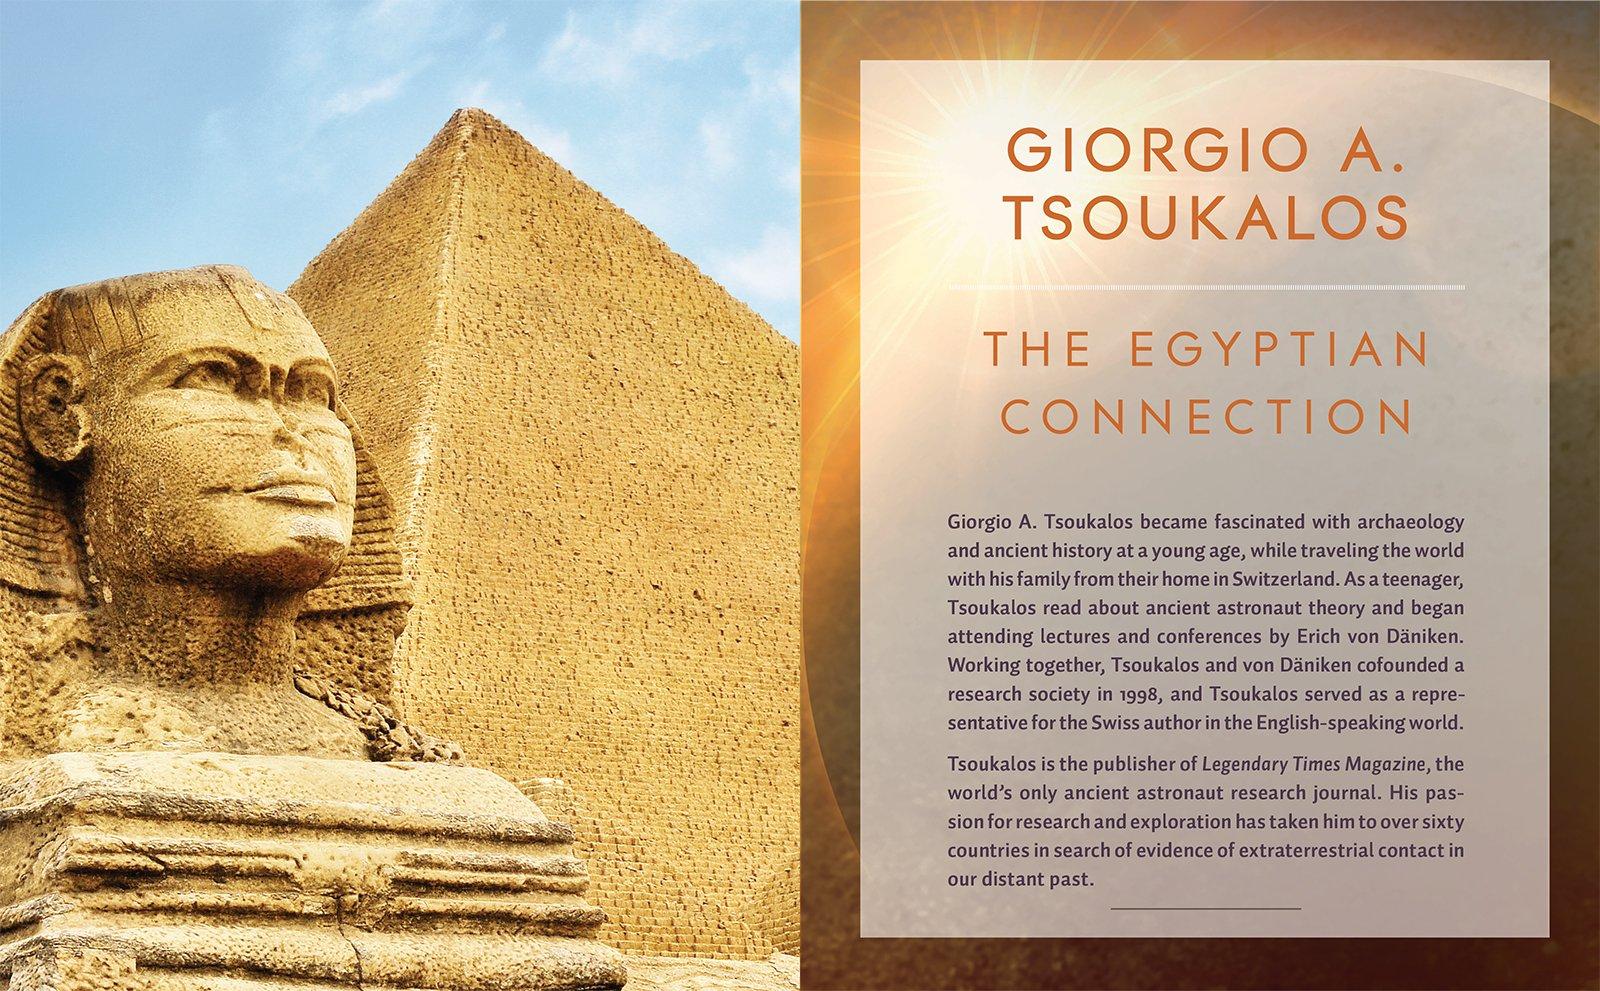 Resultado de imagen para GIORGIO TSOUKALOS TRAVEL THROUGH TIME